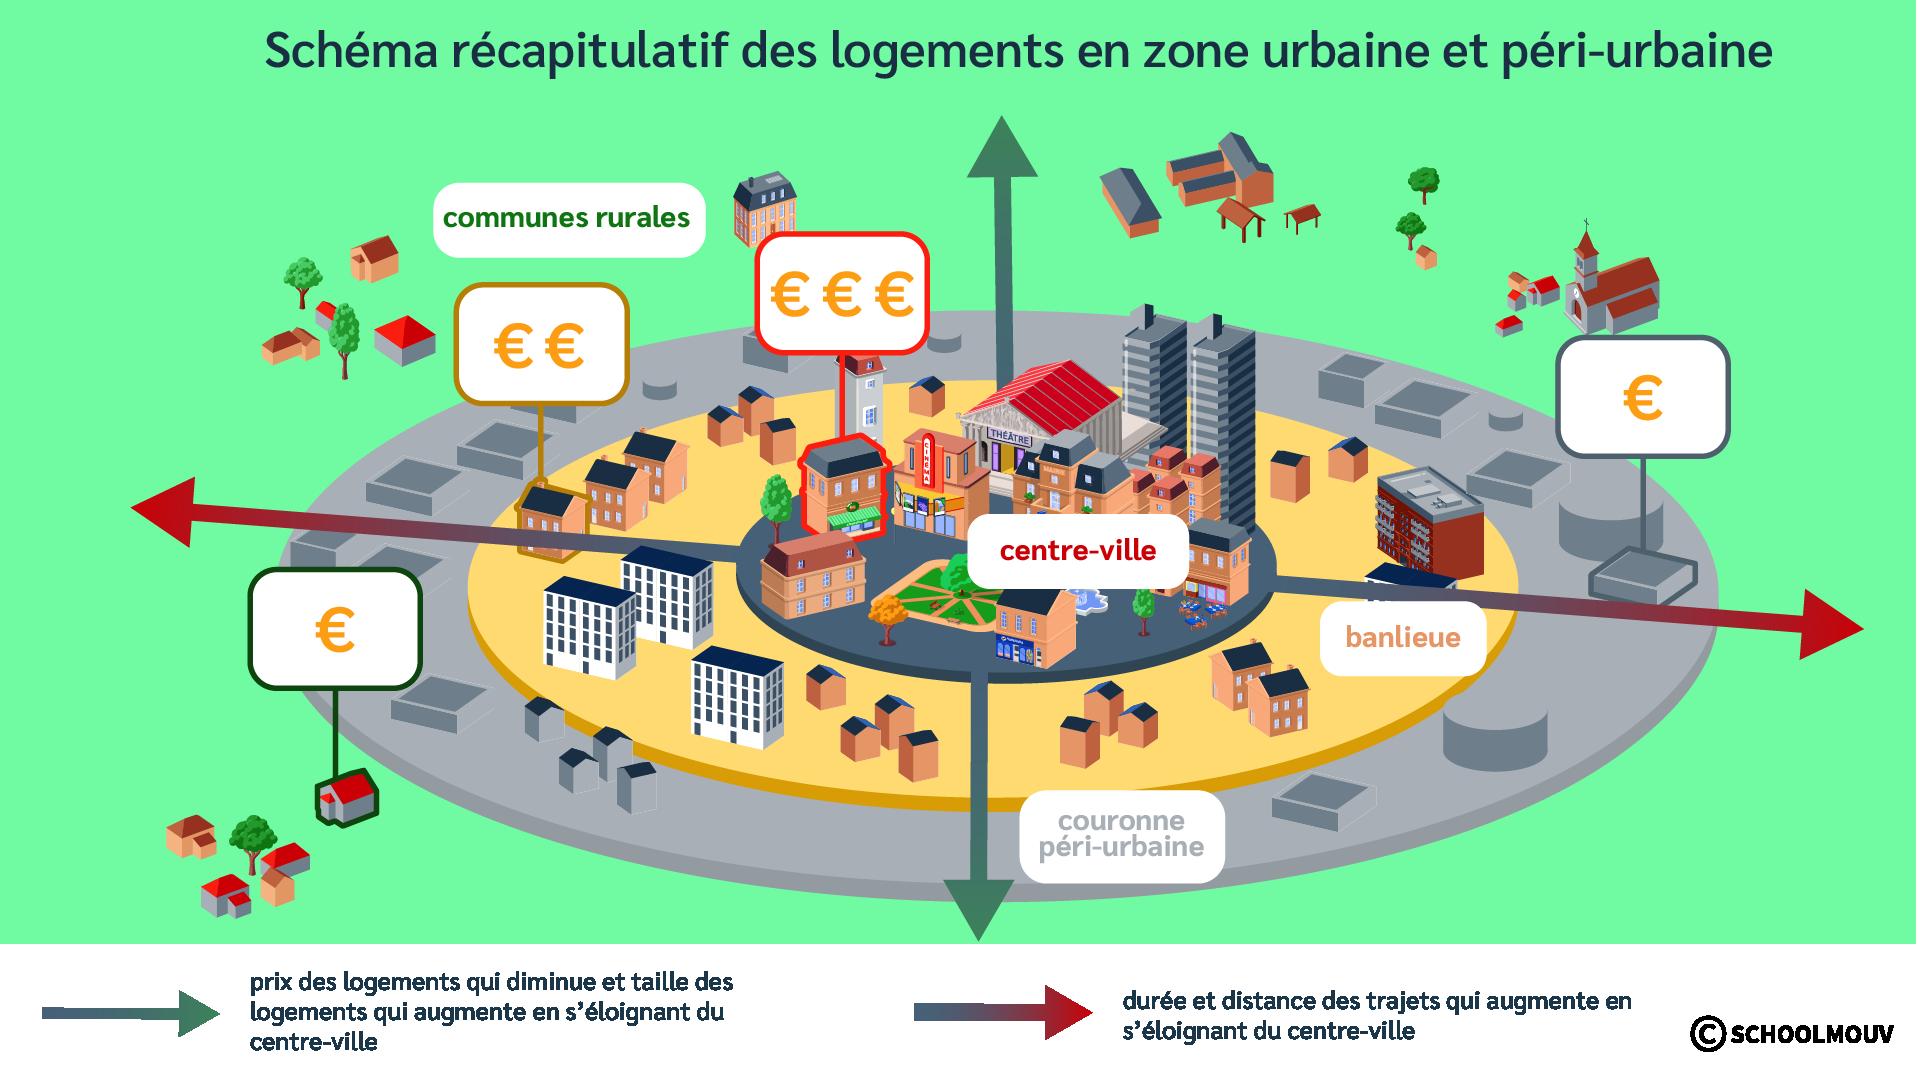 Avantages - Inconvénients - Loyers - Transports - Schéma - Centre-ville - Couronne péri-urbaine - Banlieue - SchoolMouv - Géographie - CM1